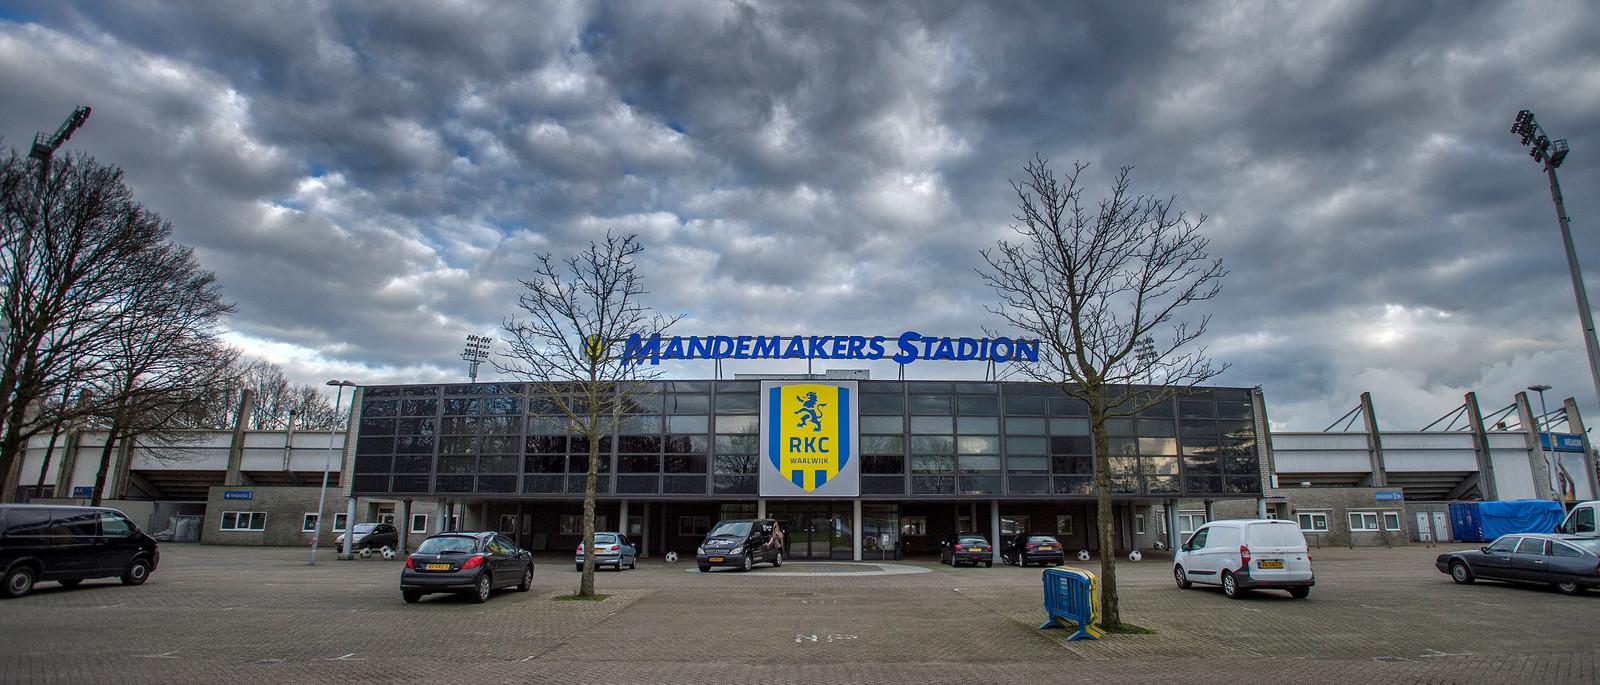 Het Mandemakersstadion. Jeroen van Eijndhoven/Beeld Werkt IPTCBron  Beeld Werkt;Beeld Werkt  Waalwijk Akkerlaan RKC Waalwijk Mandemakers Stadion;Waalwijk;Nederland